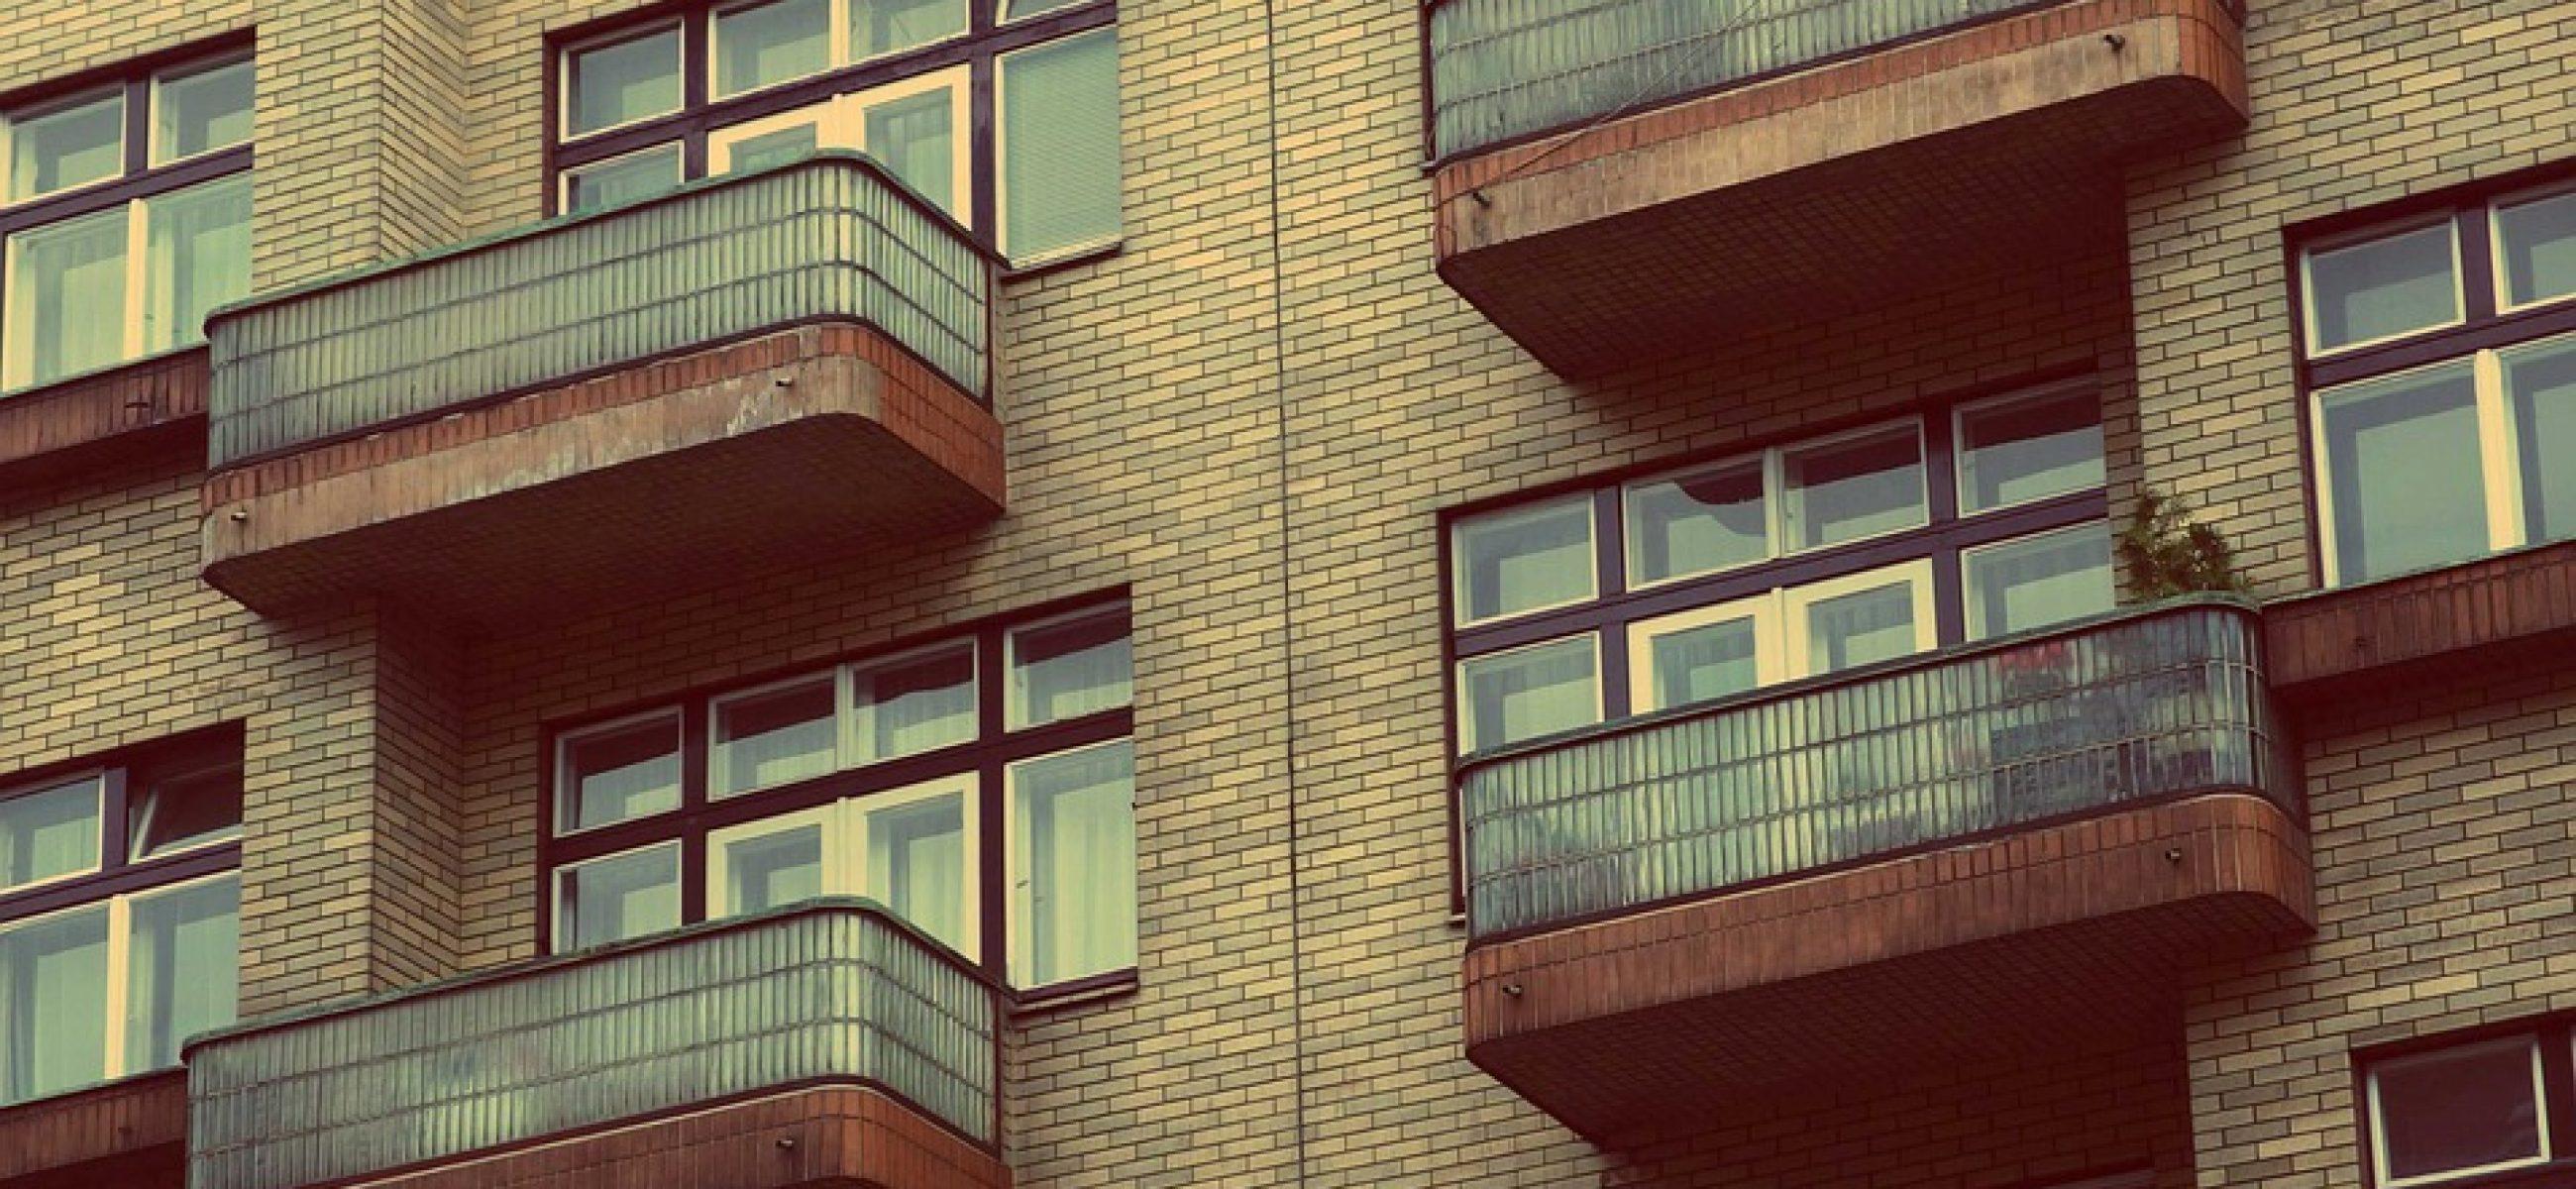 מדוע טיוטת החוזר המוצע בקשר לסיווג הכנסה משכר דירה סותרת חזיתית את פסק הדין בעניין לשם ובירן